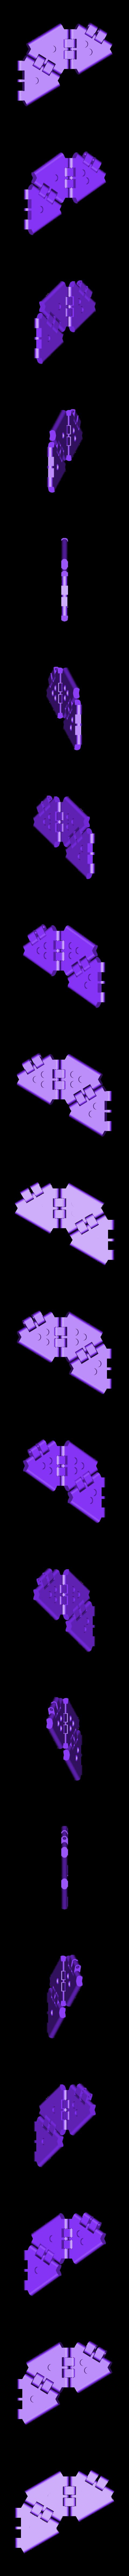 hexa.stl Télécharger fichier STL gratuit Un autre Hexaflexagon • Objet imprimable en 3D, bobodurand4589